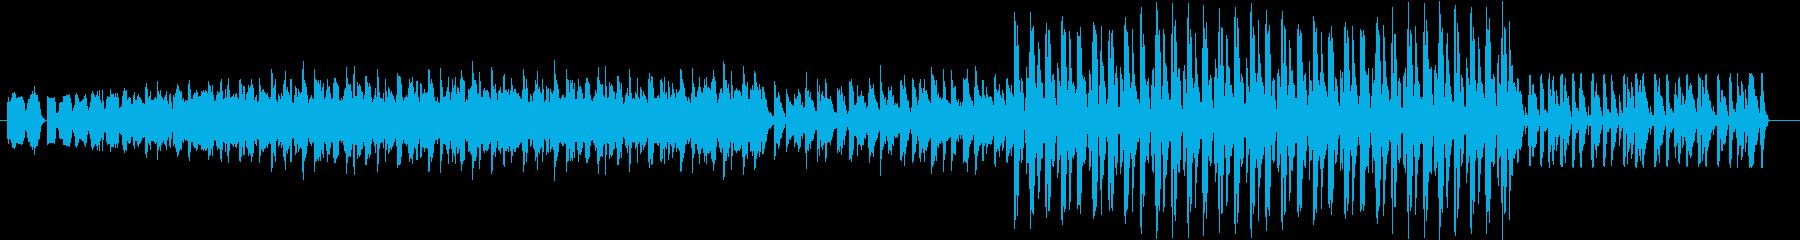 リズム感のあるハードなEDMの再生済みの波形